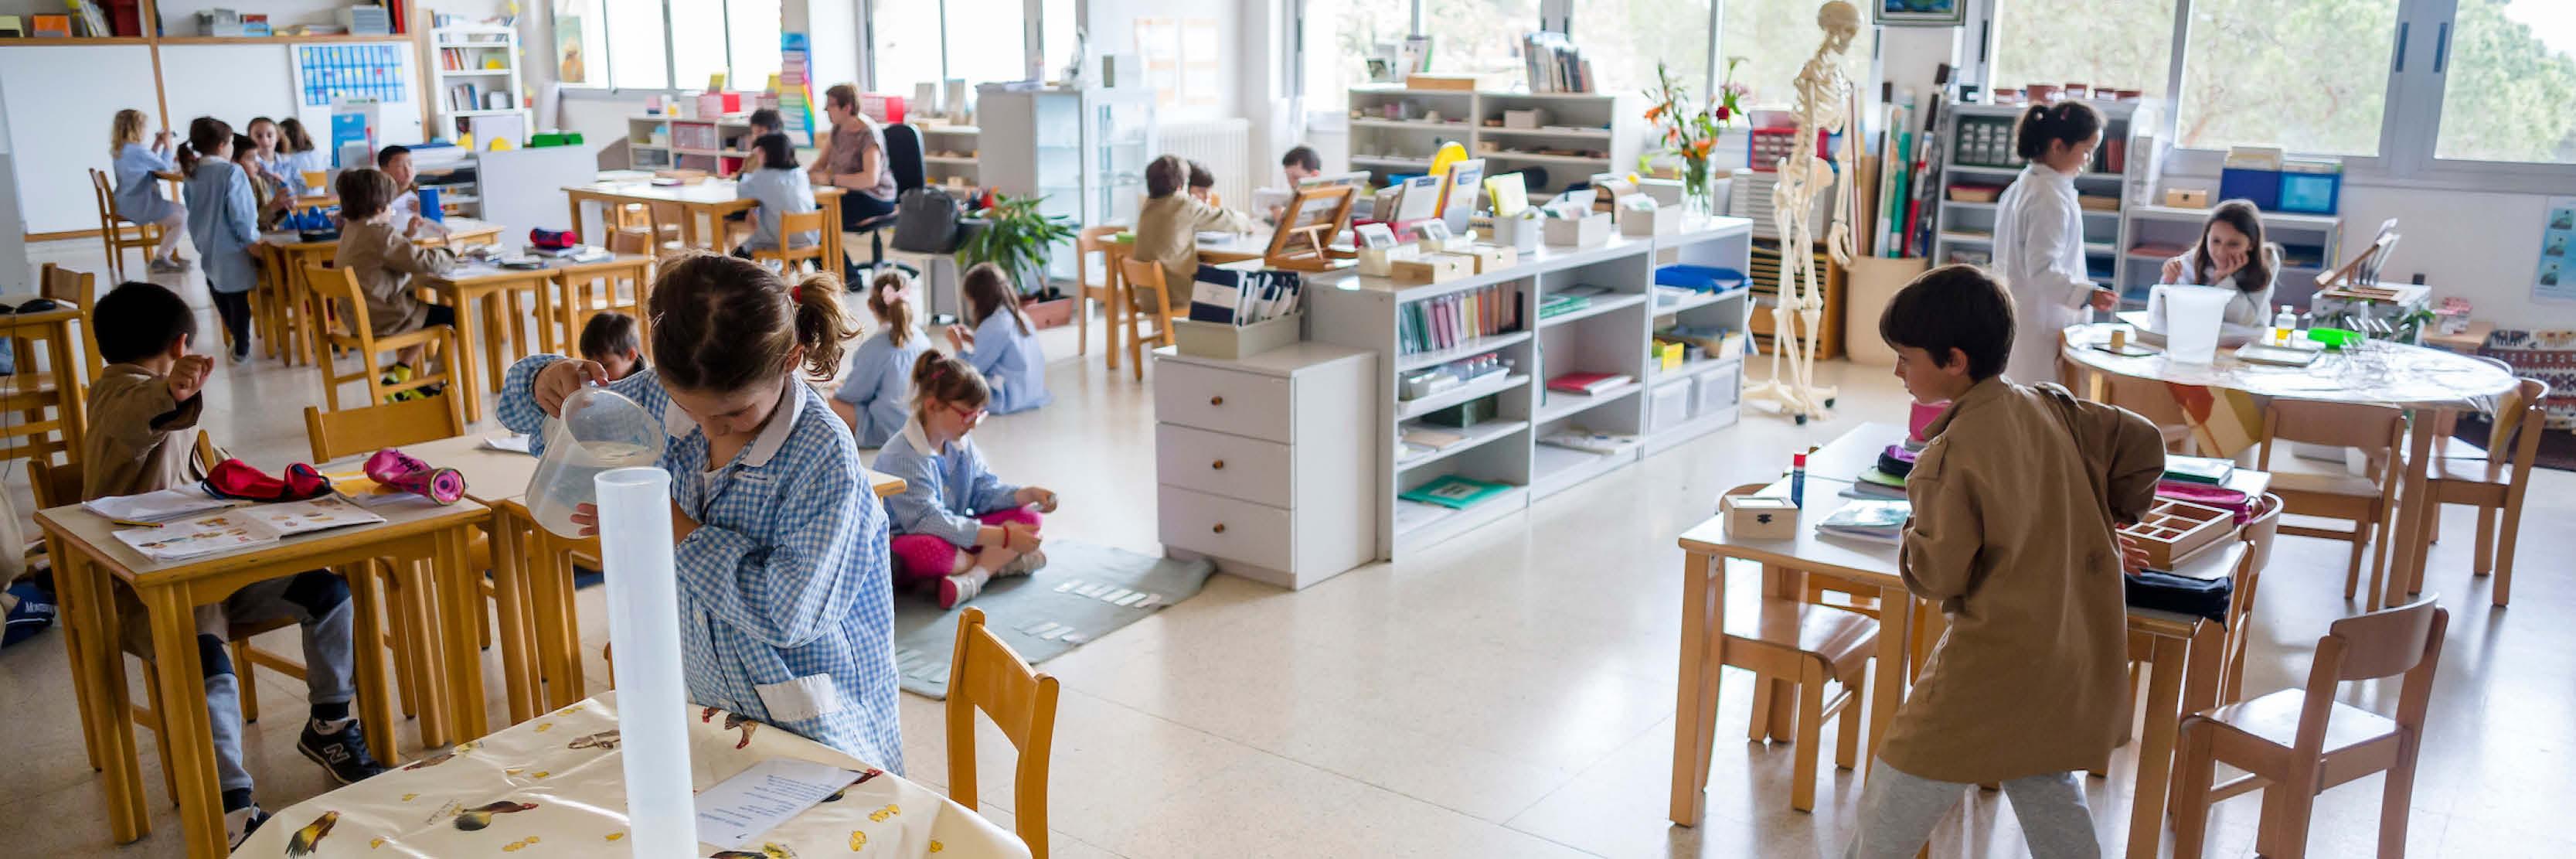 AMI Montessori Assistant postgraduate Course